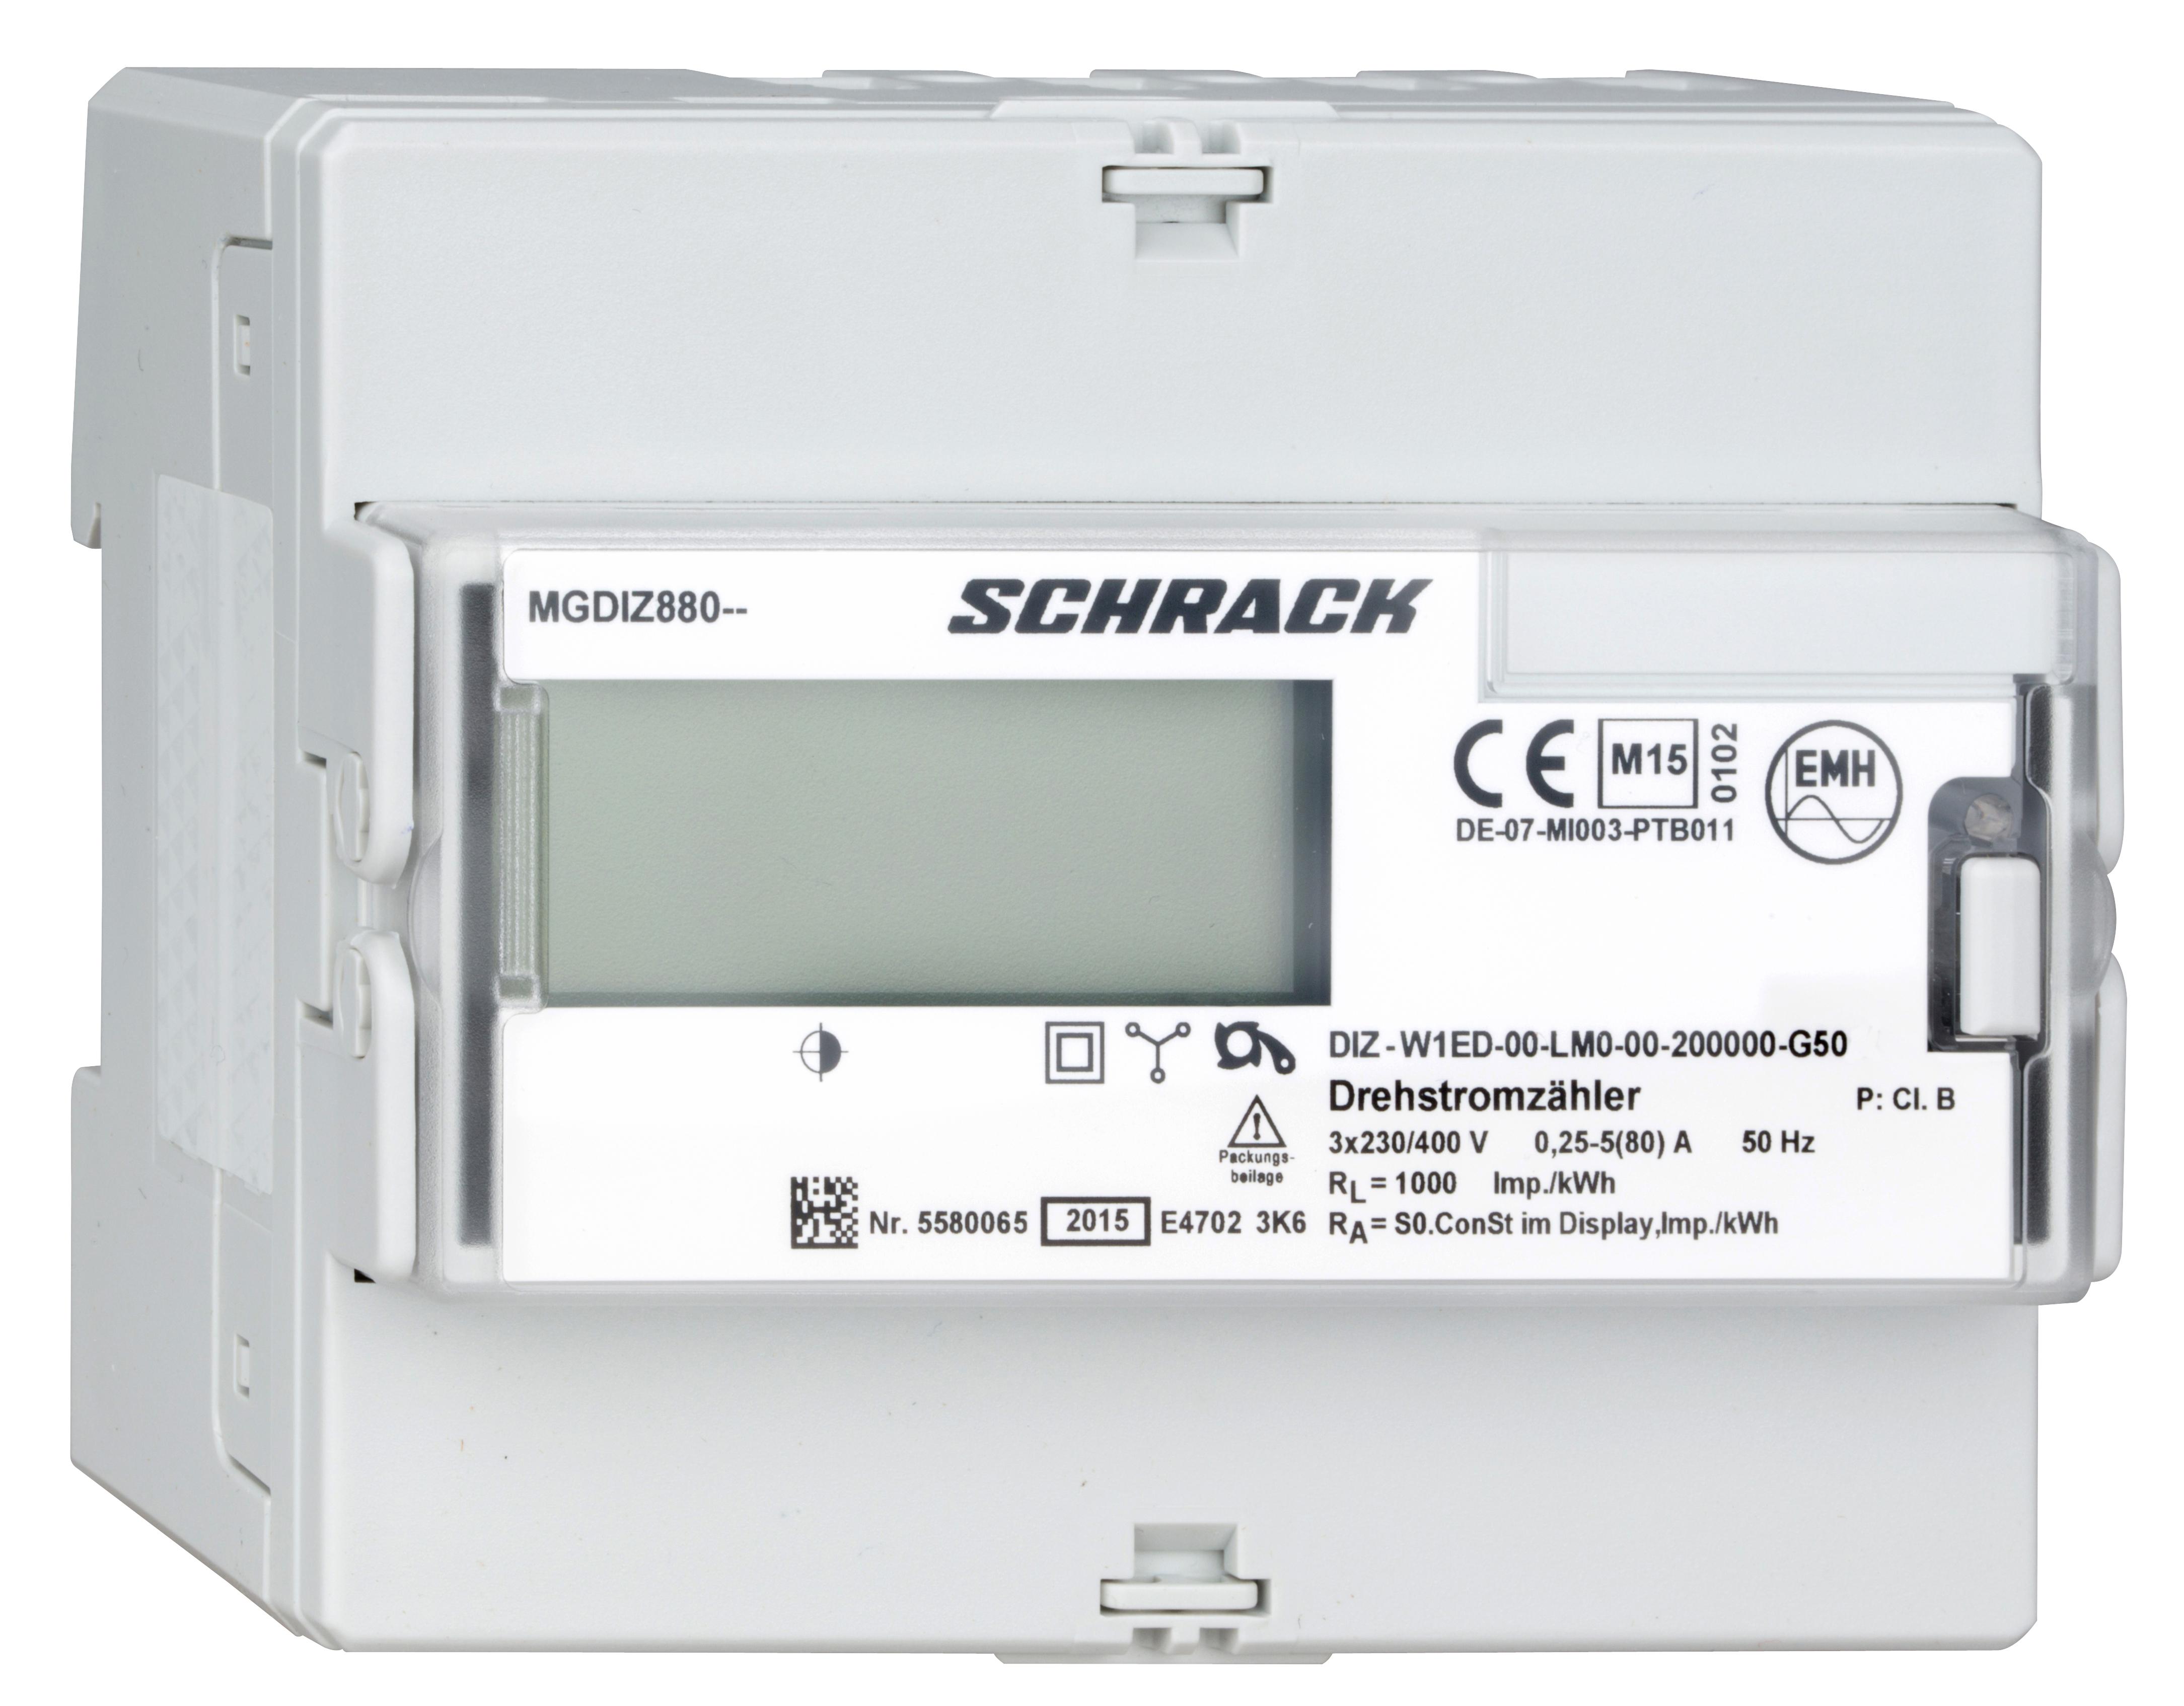 1 Stk Bezugs- und Lieferungs - kWh-Zähler, direkt 80A, RE MGDIZ880--